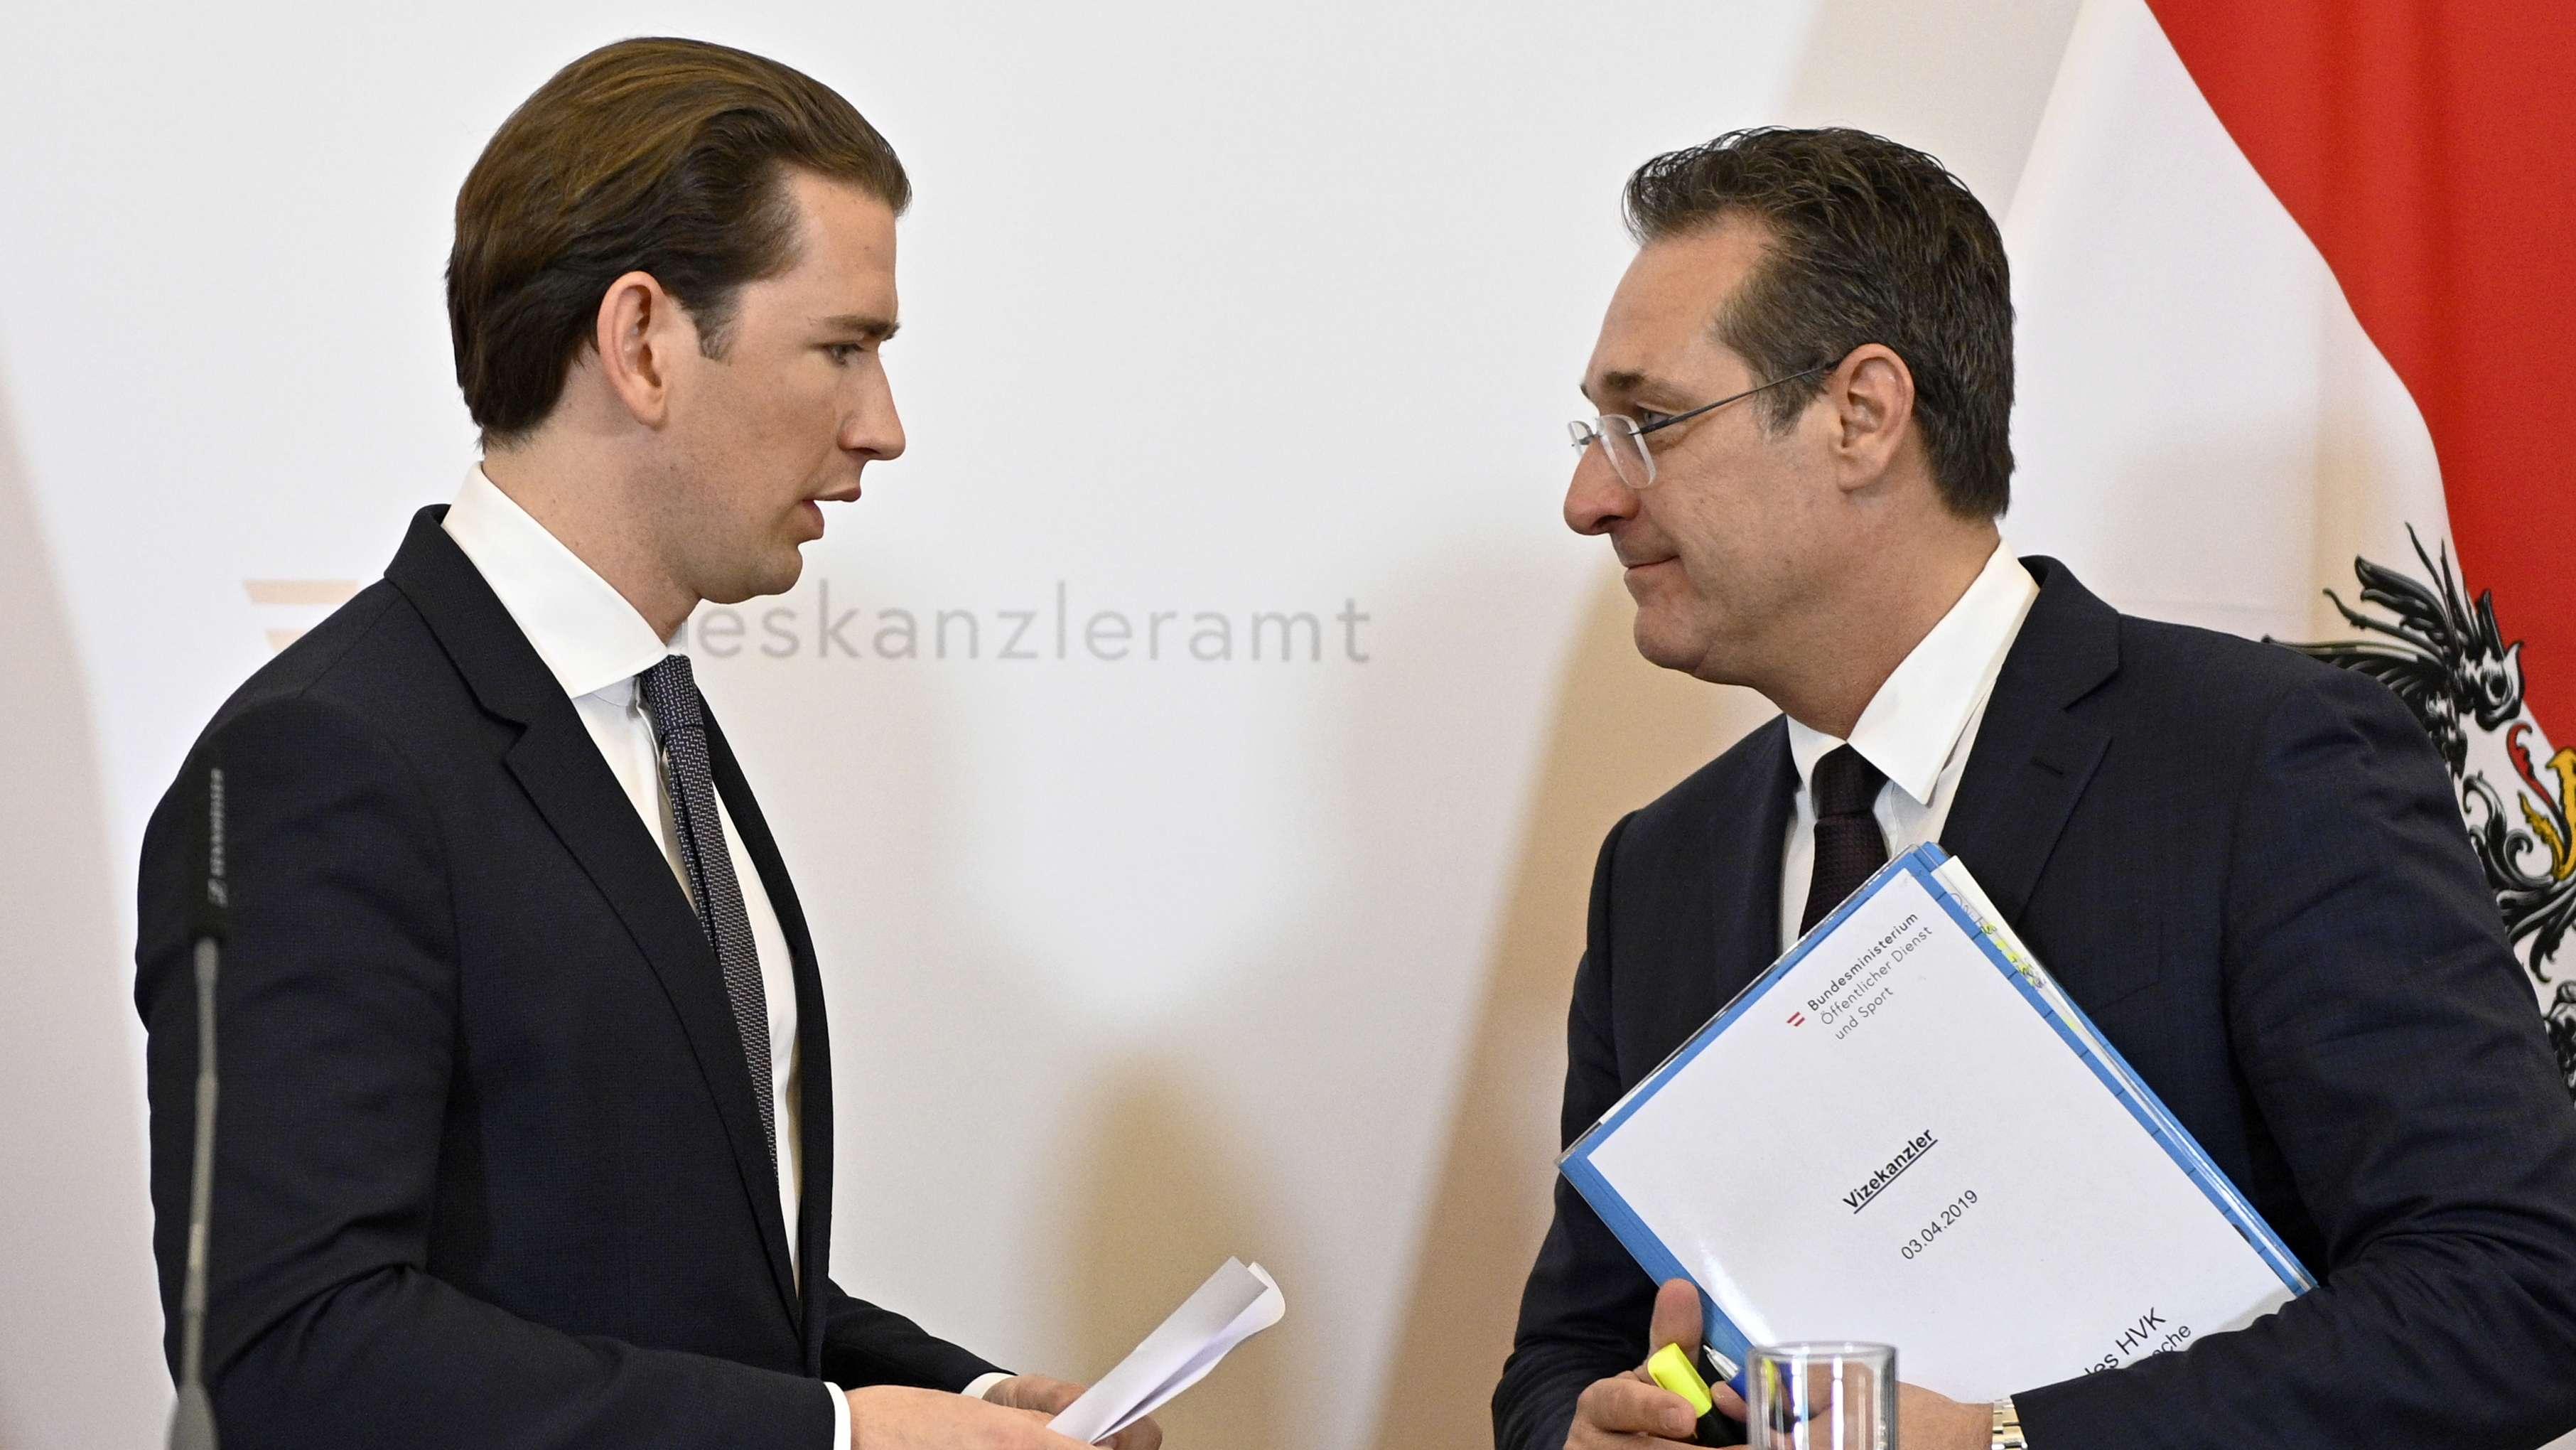 Bundeskanzler Sebastian Kurz (ÖVP), Vizekanzler Heinz Christian Strache (FPÖ) anl. einer Sitzung des Ministerrates im Bundeskanzleramt am Mittwoch, 03. April 2019 in Wien.